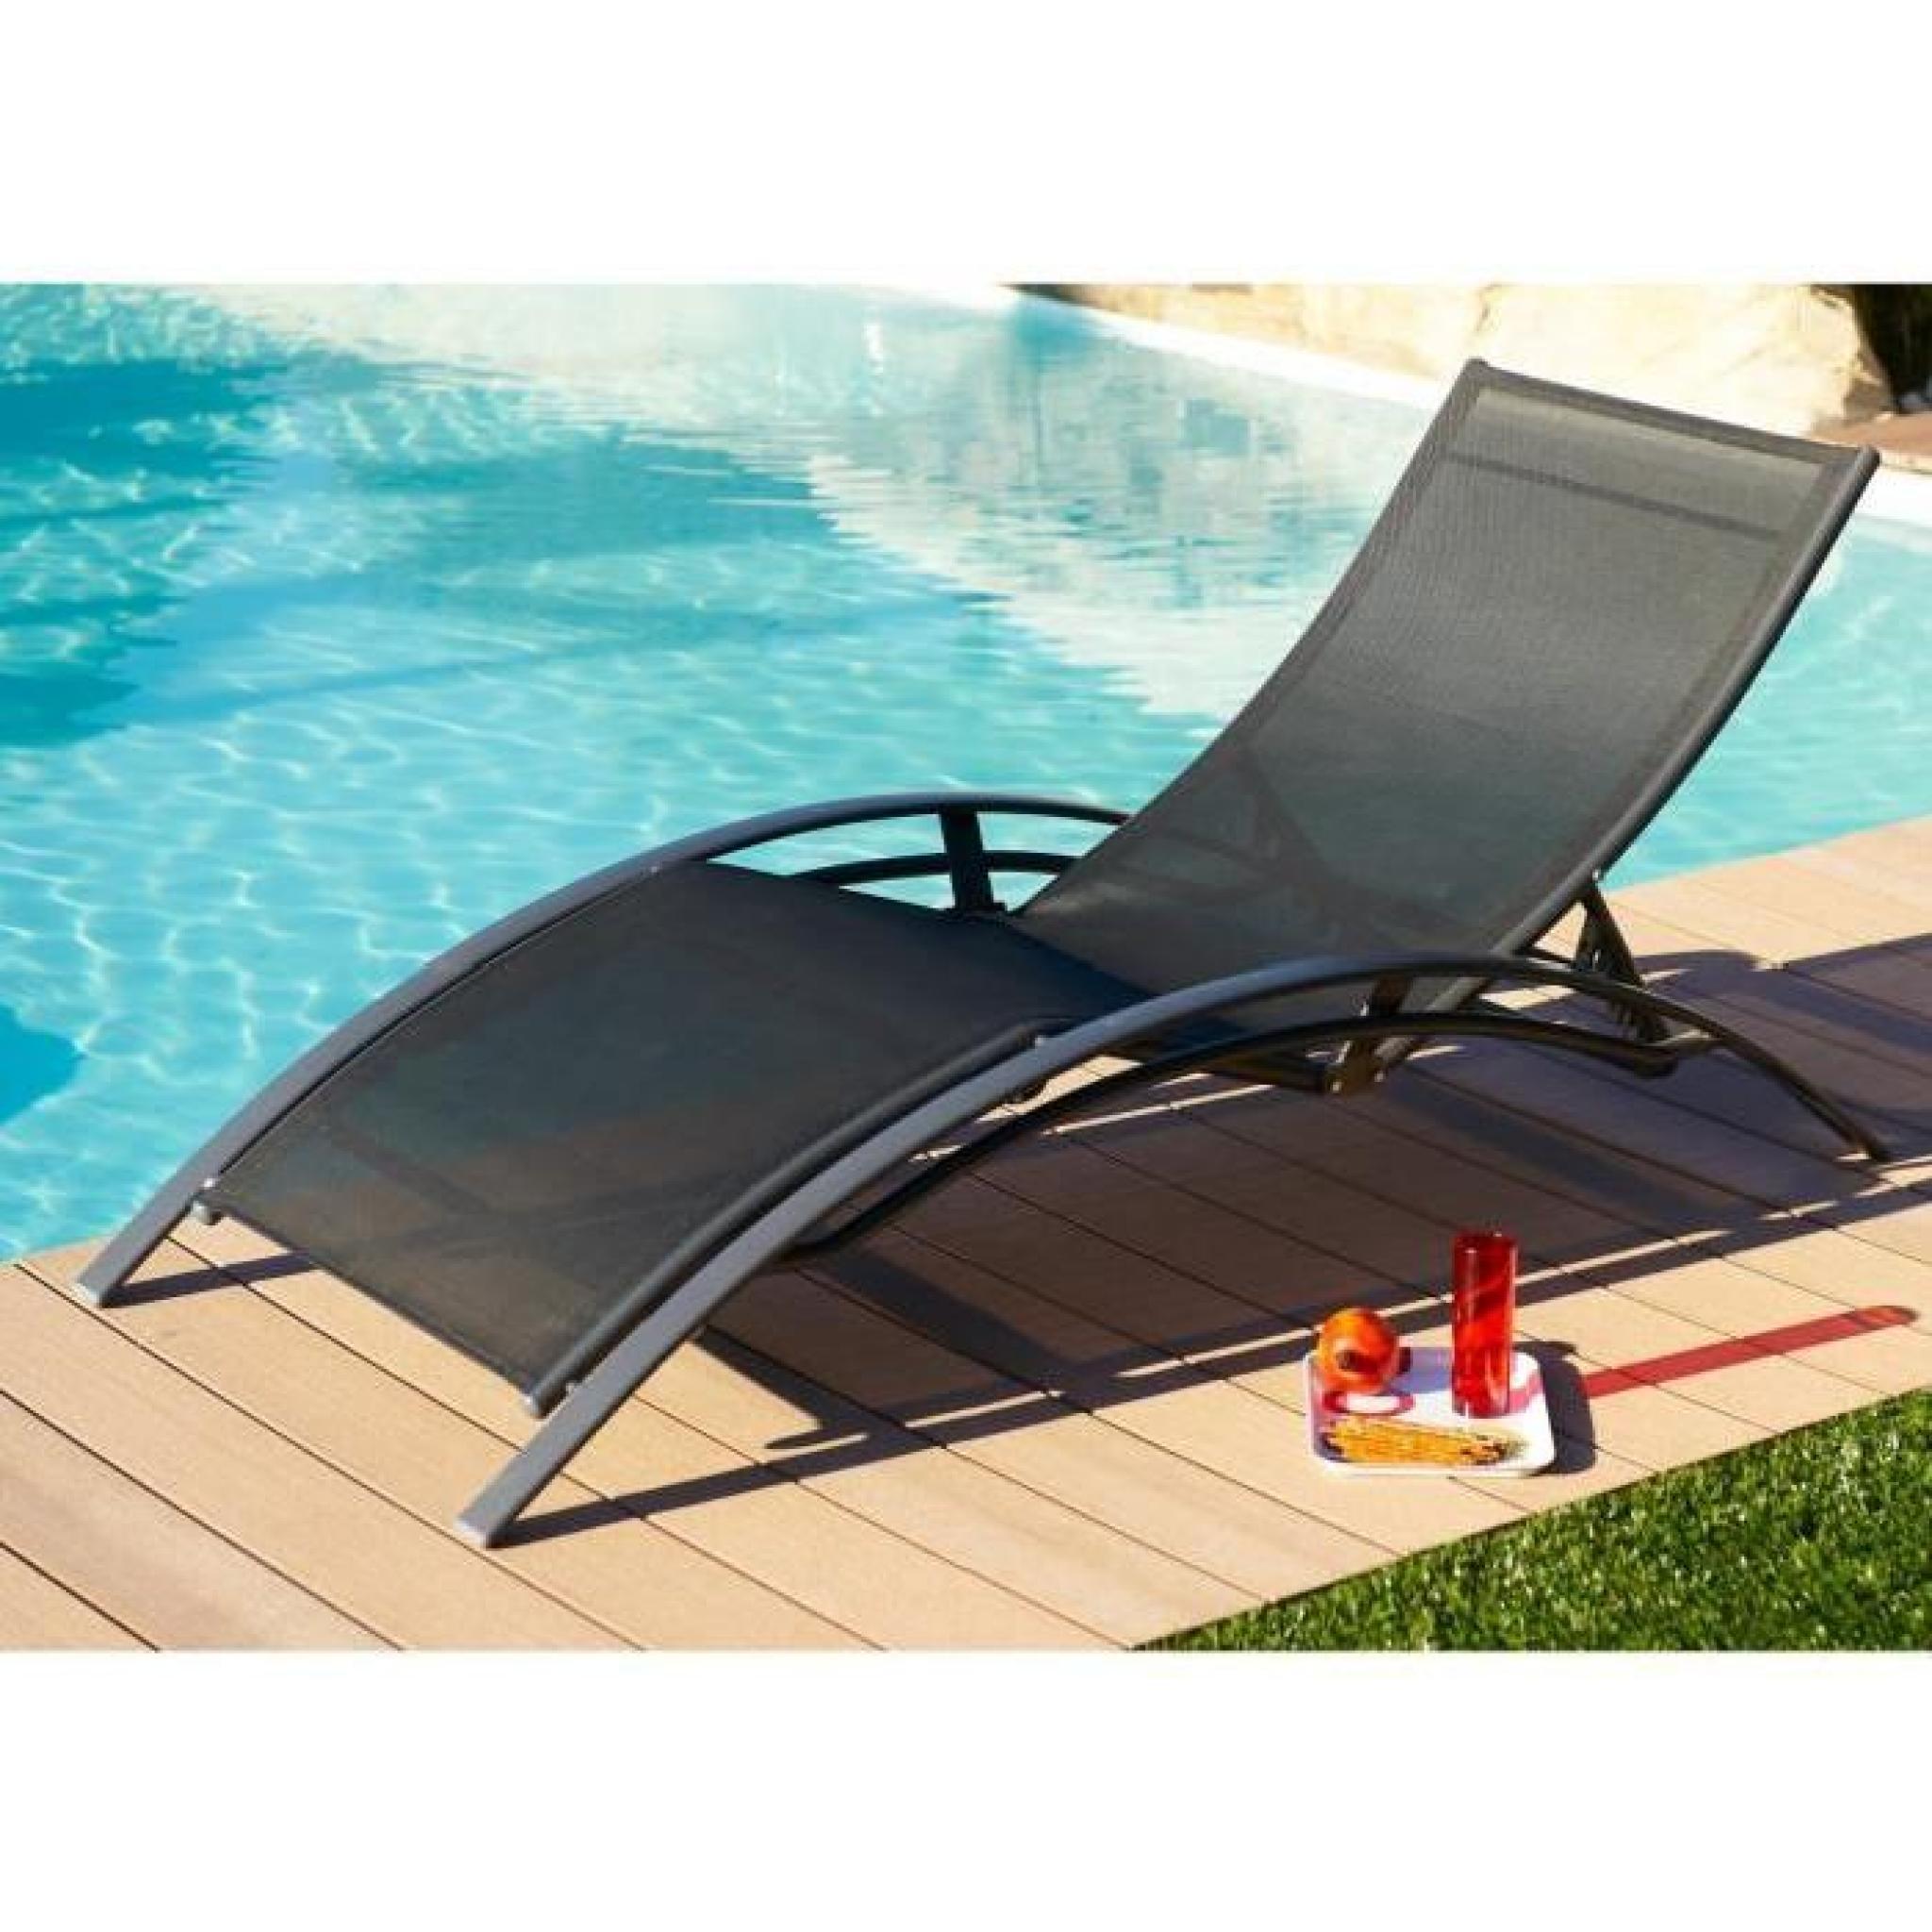 lot de 2 chaises longues aluminium textil ne noir achat vente transat de jardin pas cher. Black Bedroom Furniture Sets. Home Design Ideas